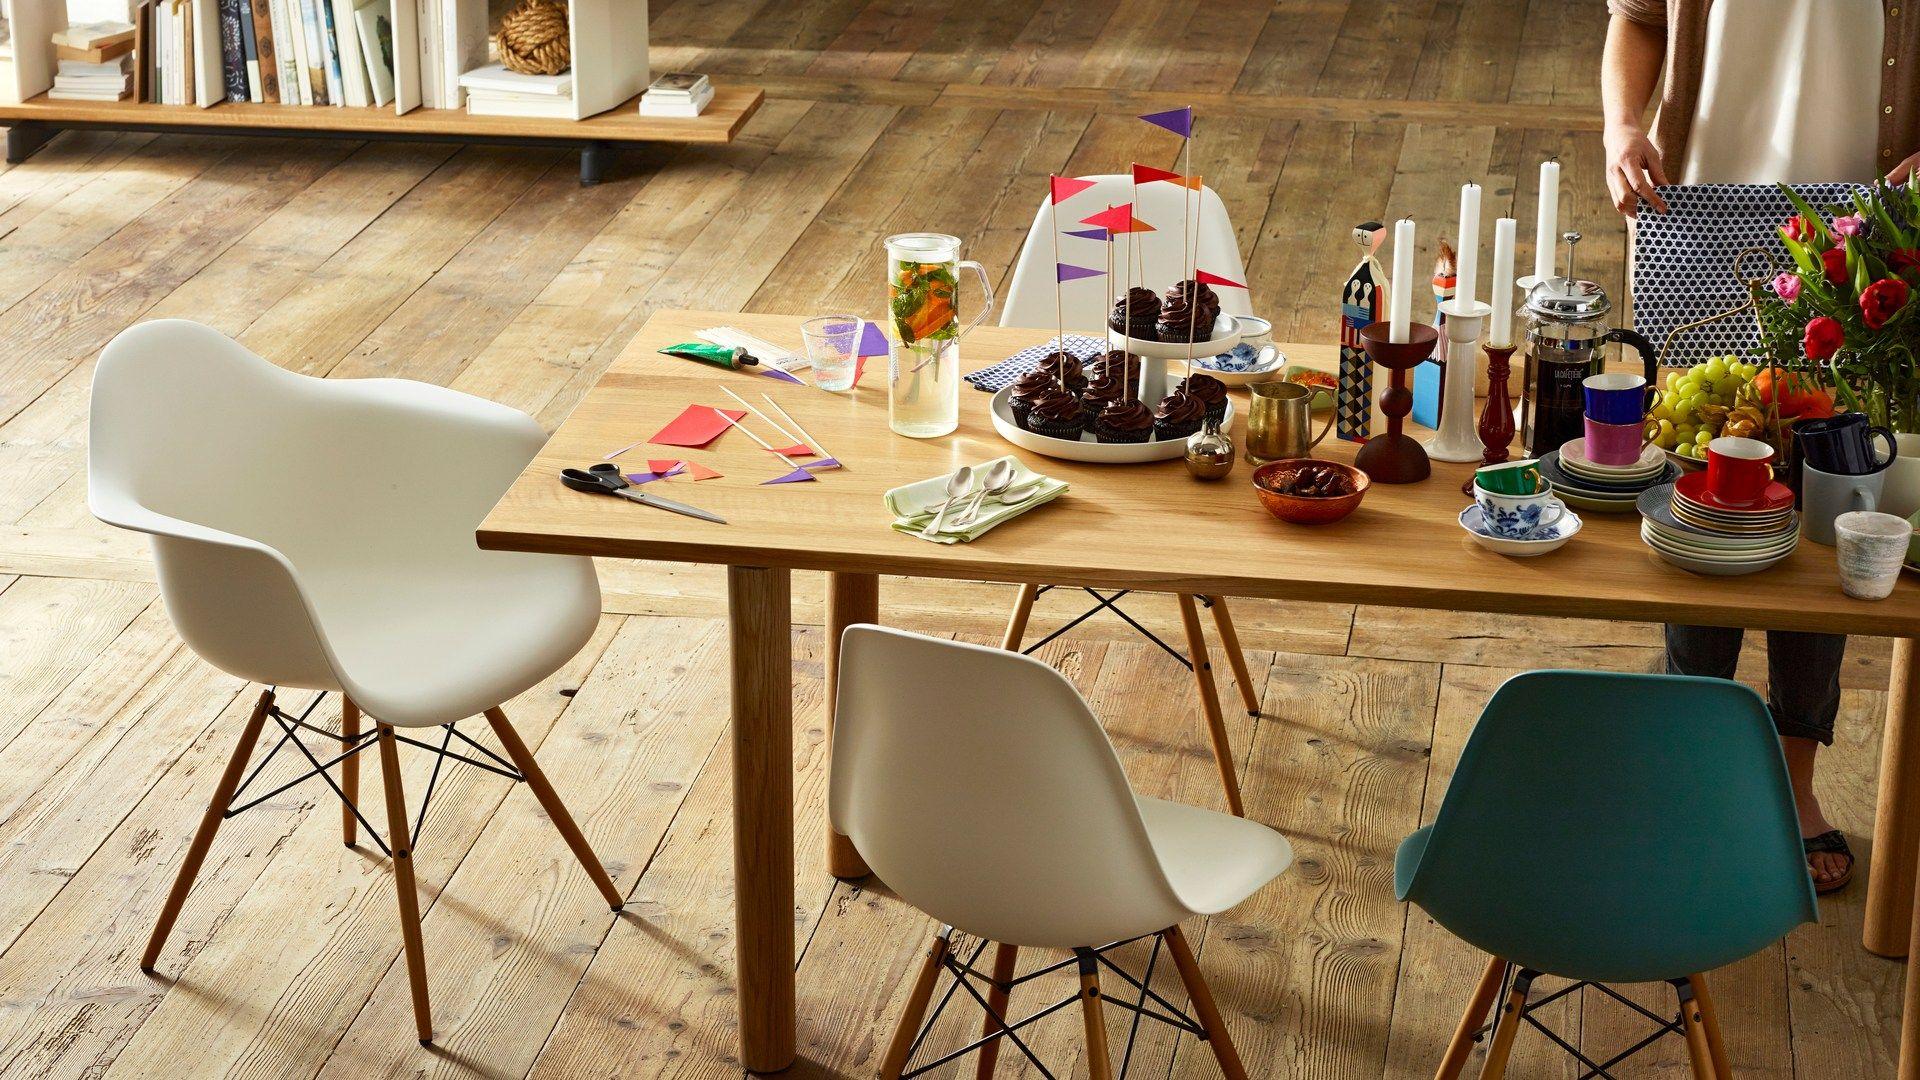 Daw Sedia Con Cuscino Integrato Collezione Eames Plastic Chair By Vitra Interior